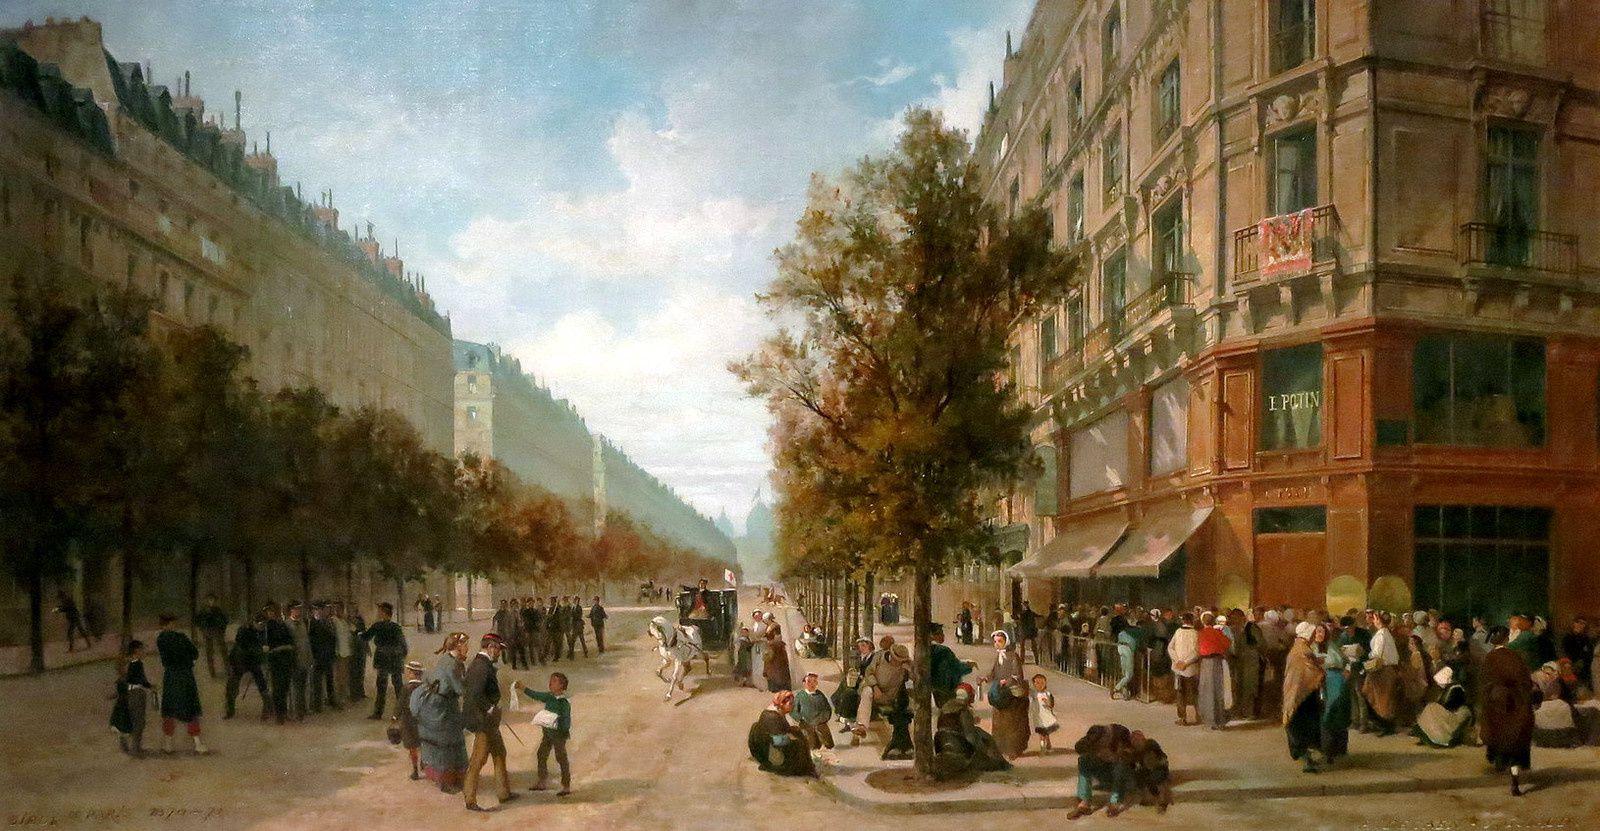 Paris, novembre 1870,  par Jacques Guiaud (Musée Carnavalet). En premier plan, queue devant le magasin Felix Potin du Bl Sebastopol.